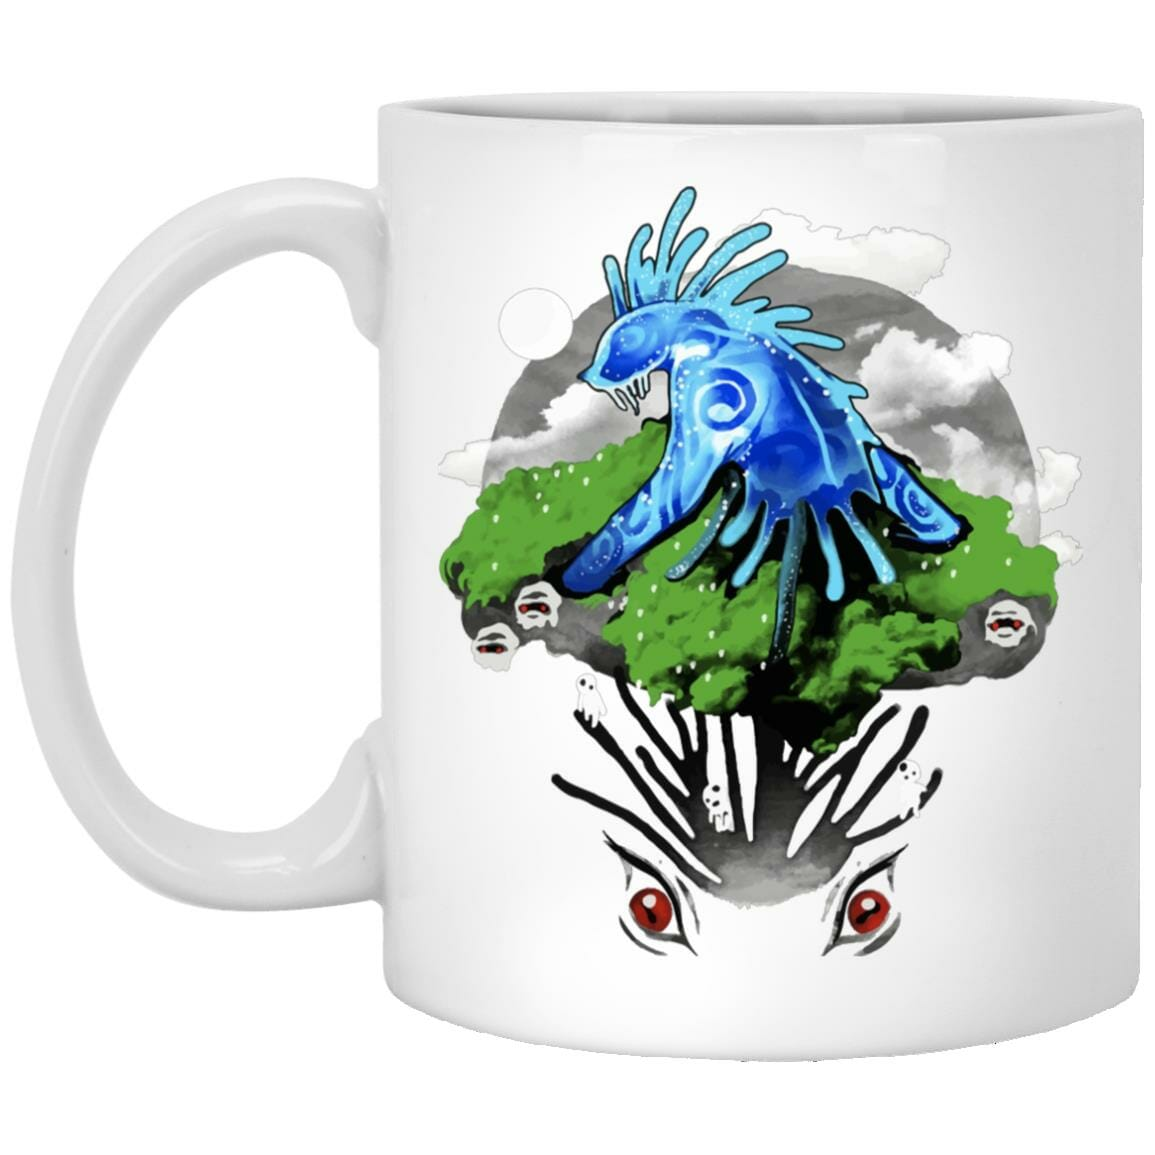 Princess Mononoke – Shishigami Essential Mug